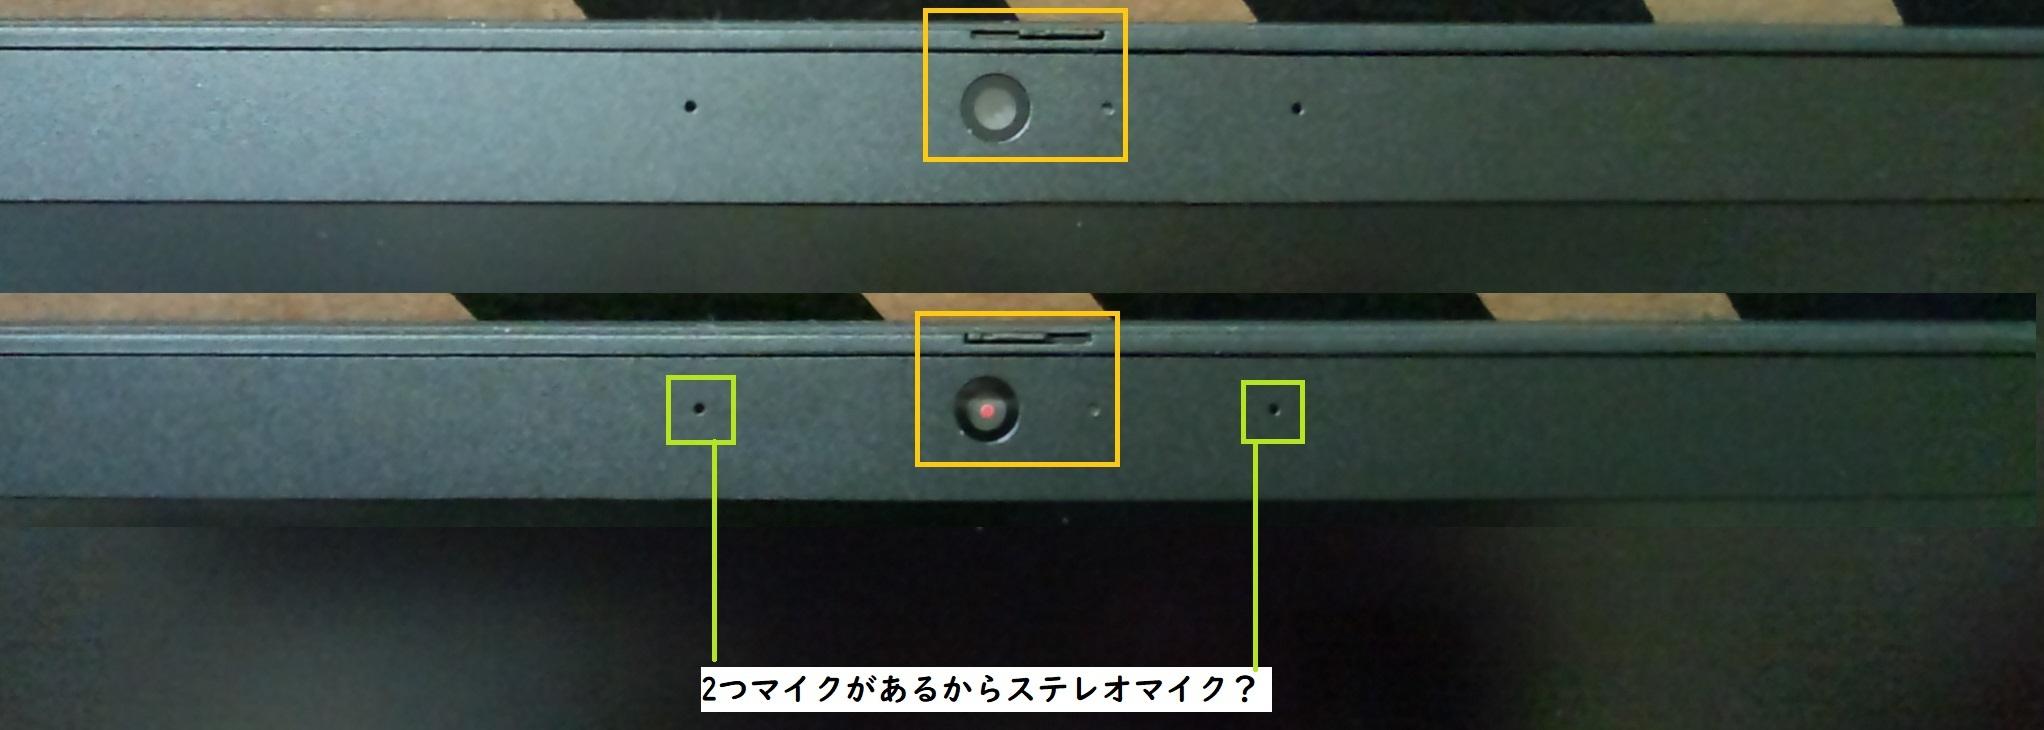 新しいノートパソコン の ThinkPad T14 Gen1 (AMD) を開封する。_b0003577_10281921.jpg